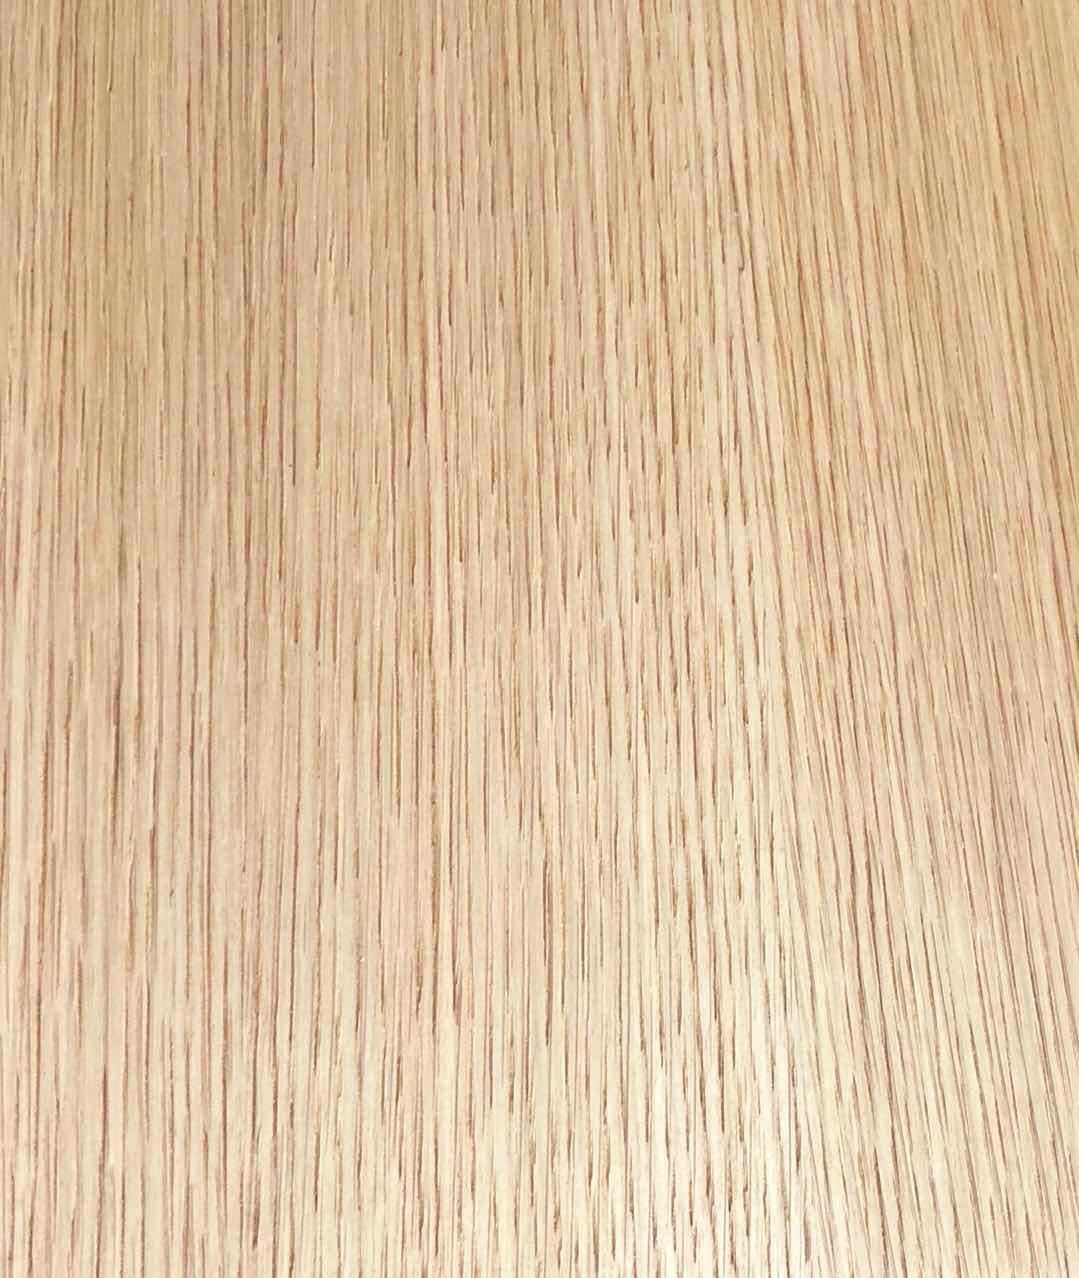 """吉盛白橡拉丝木饰面板的""""拉丝""""工艺"""